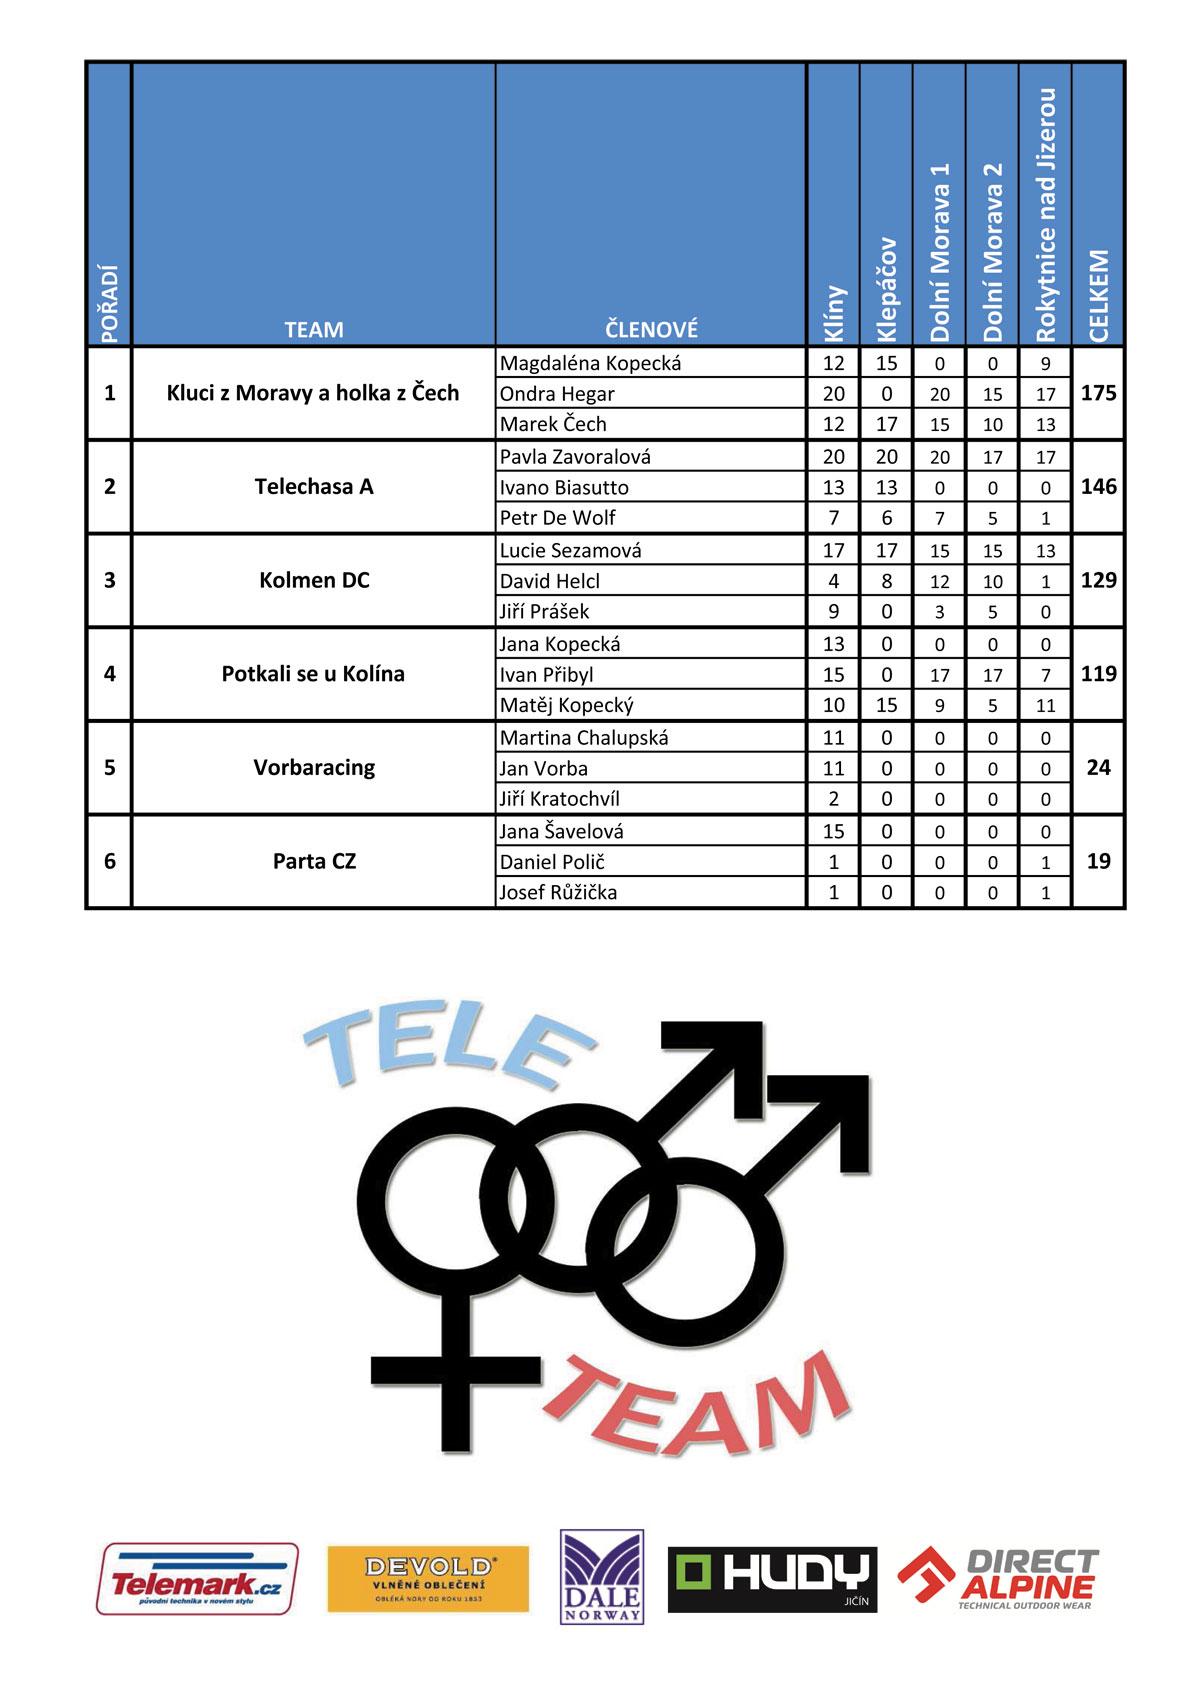 vysledky_ctp_2015_team